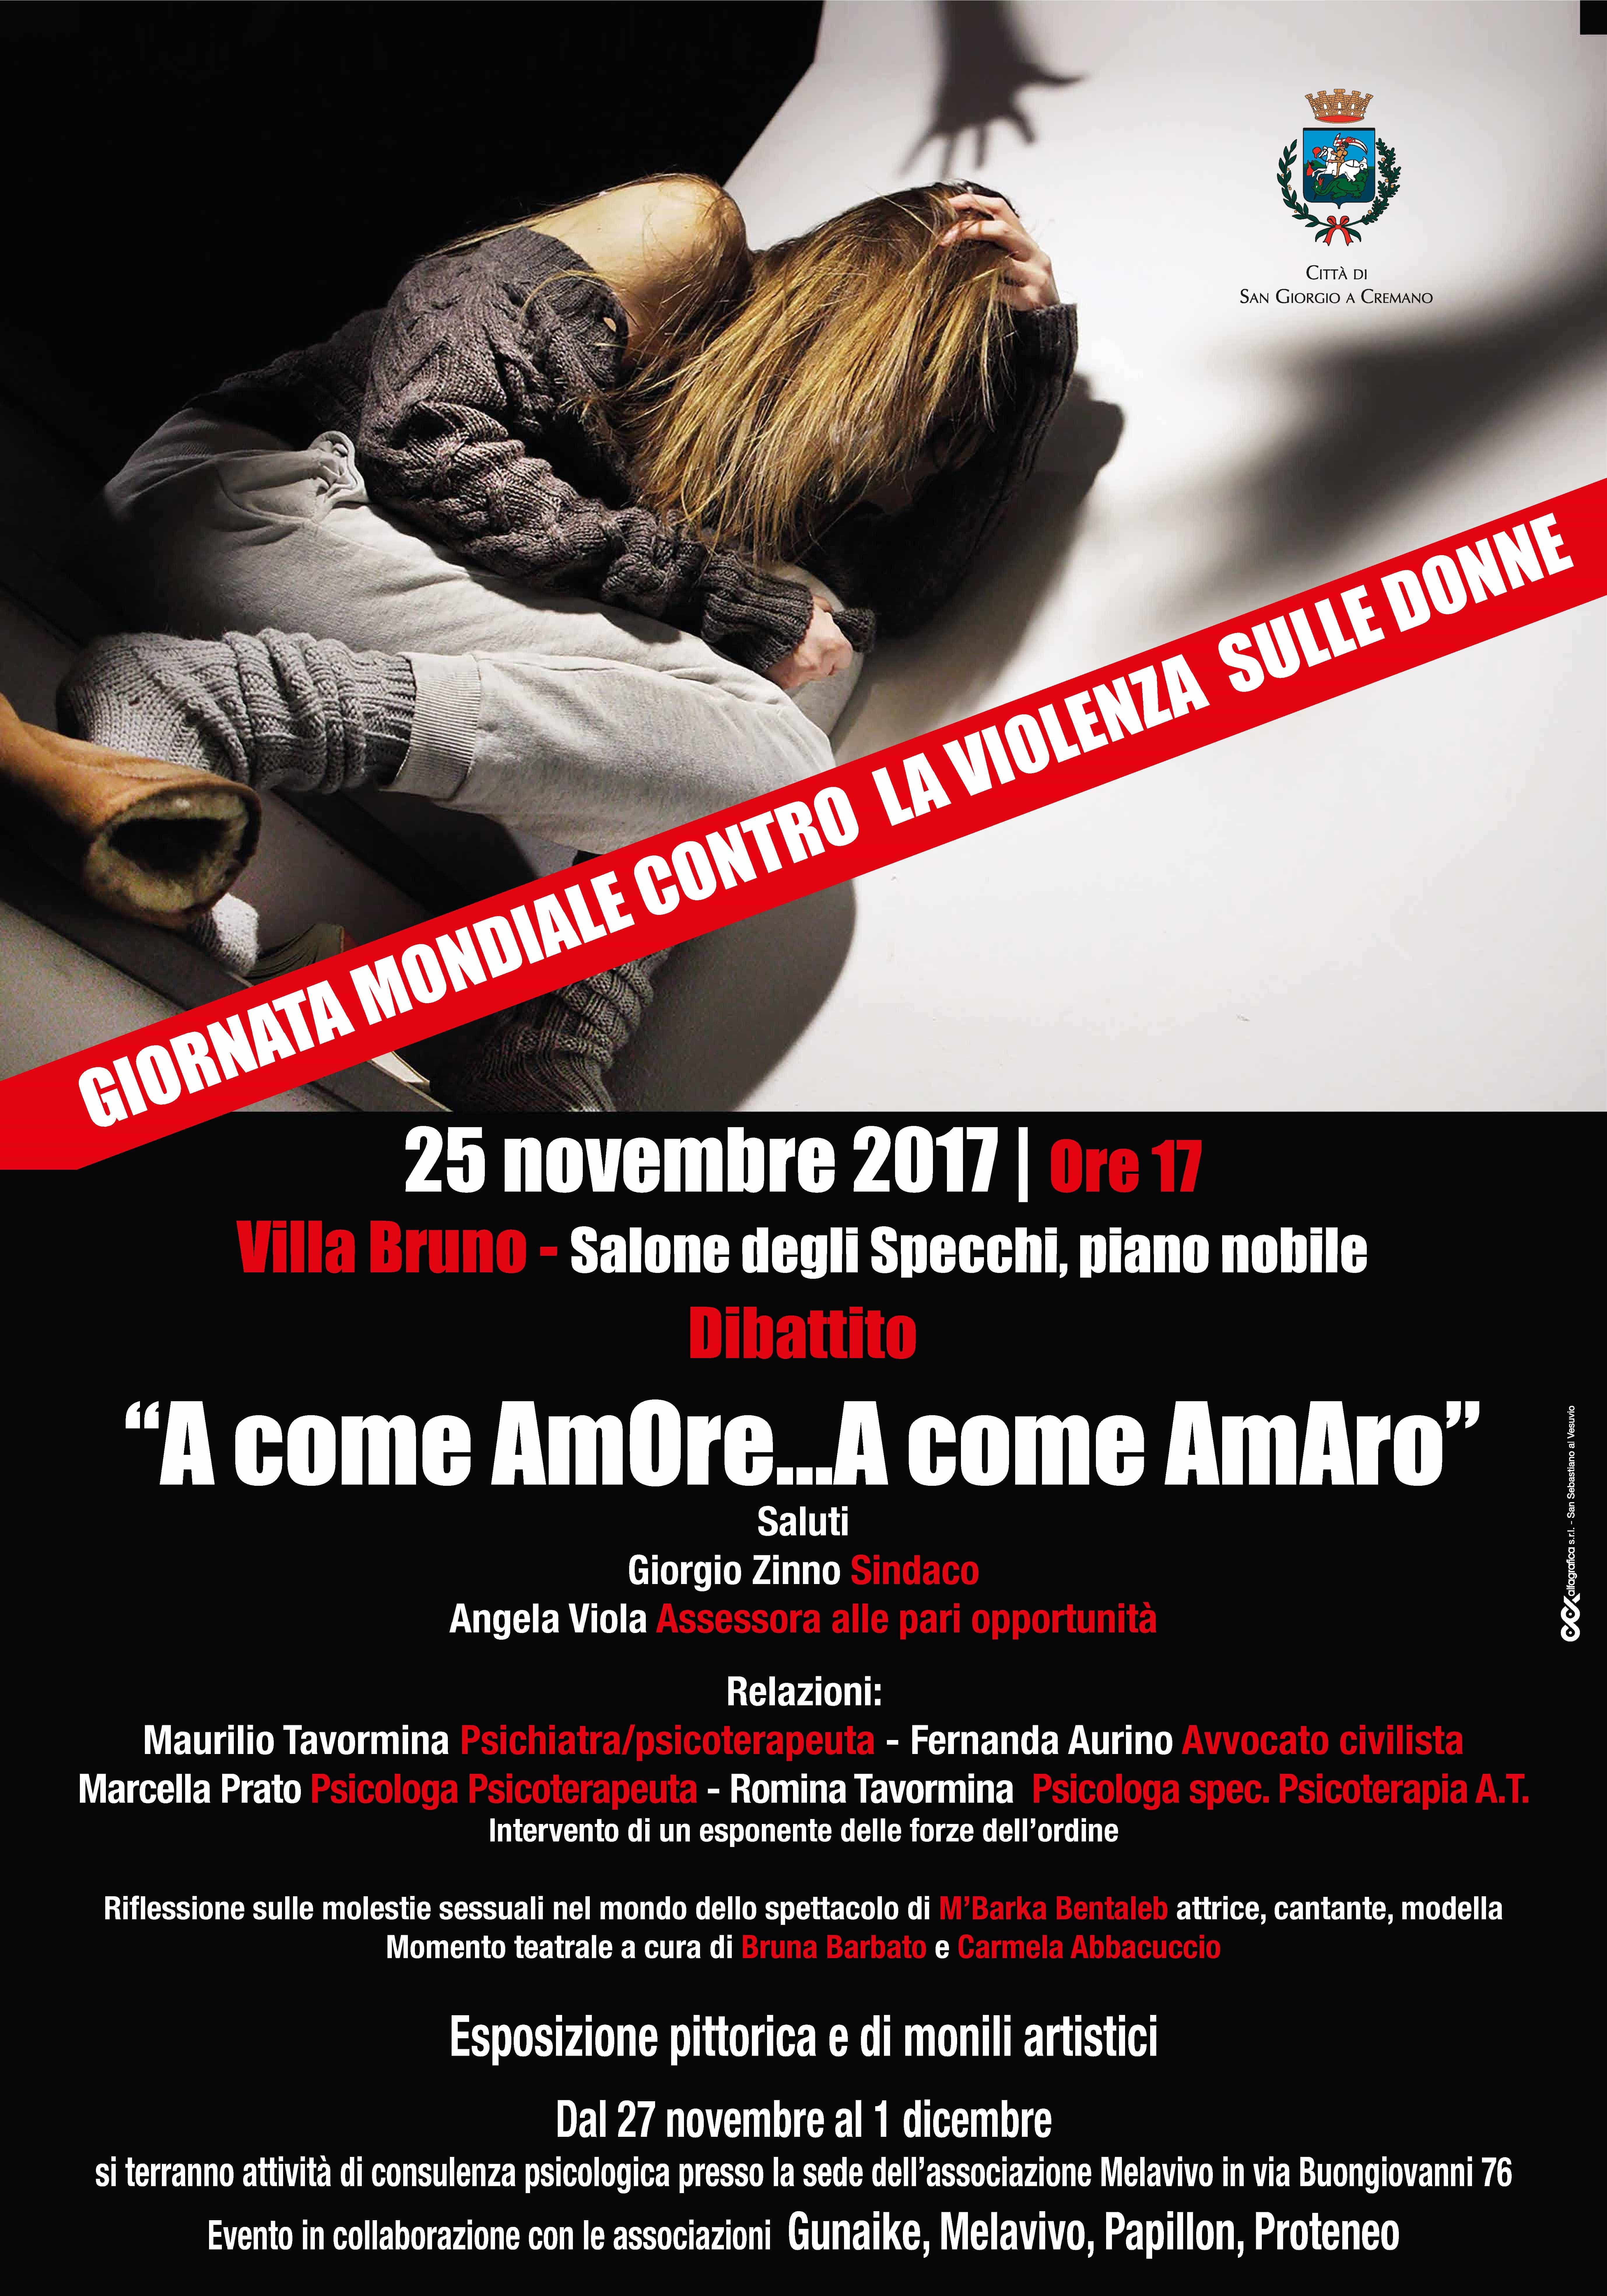 giornata violenza sulle donne 2017 San Giorgio